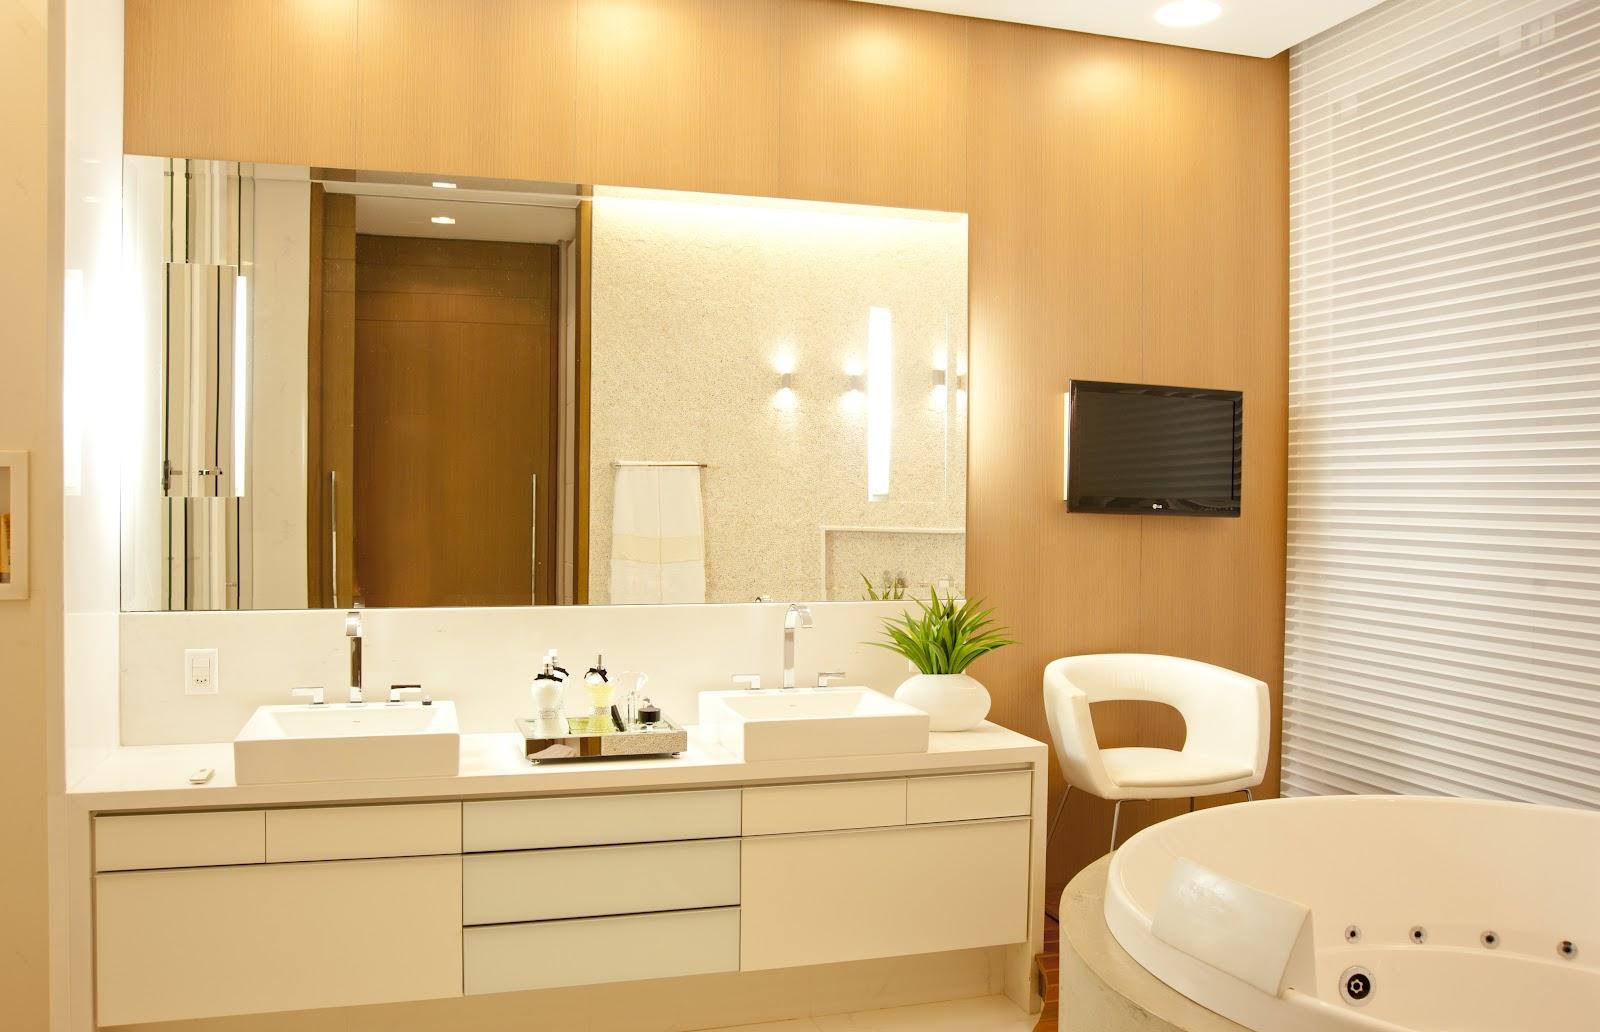 Uma casa perfeita Blog Home Idea #516005 1600x1032 Banheiro Com Banheira Casal